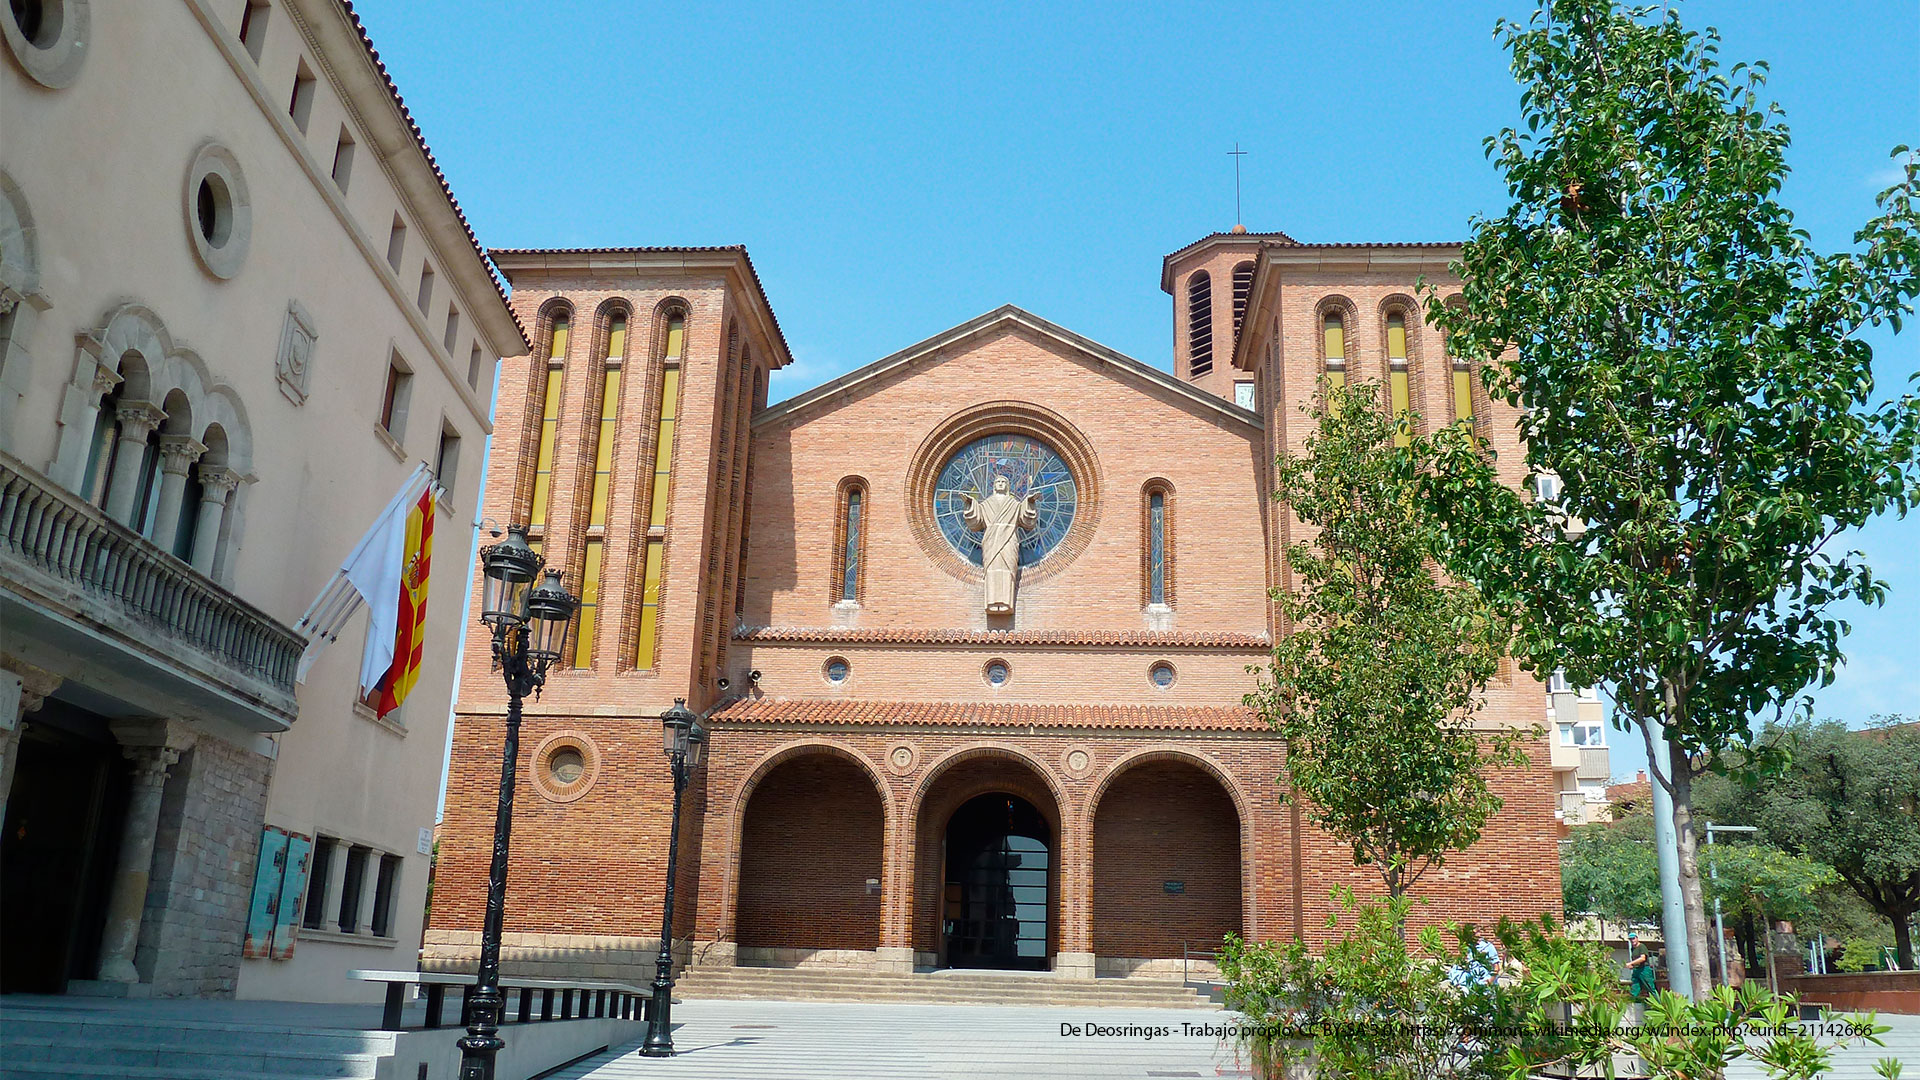 Mudanzas en Cornellà de Llobregat